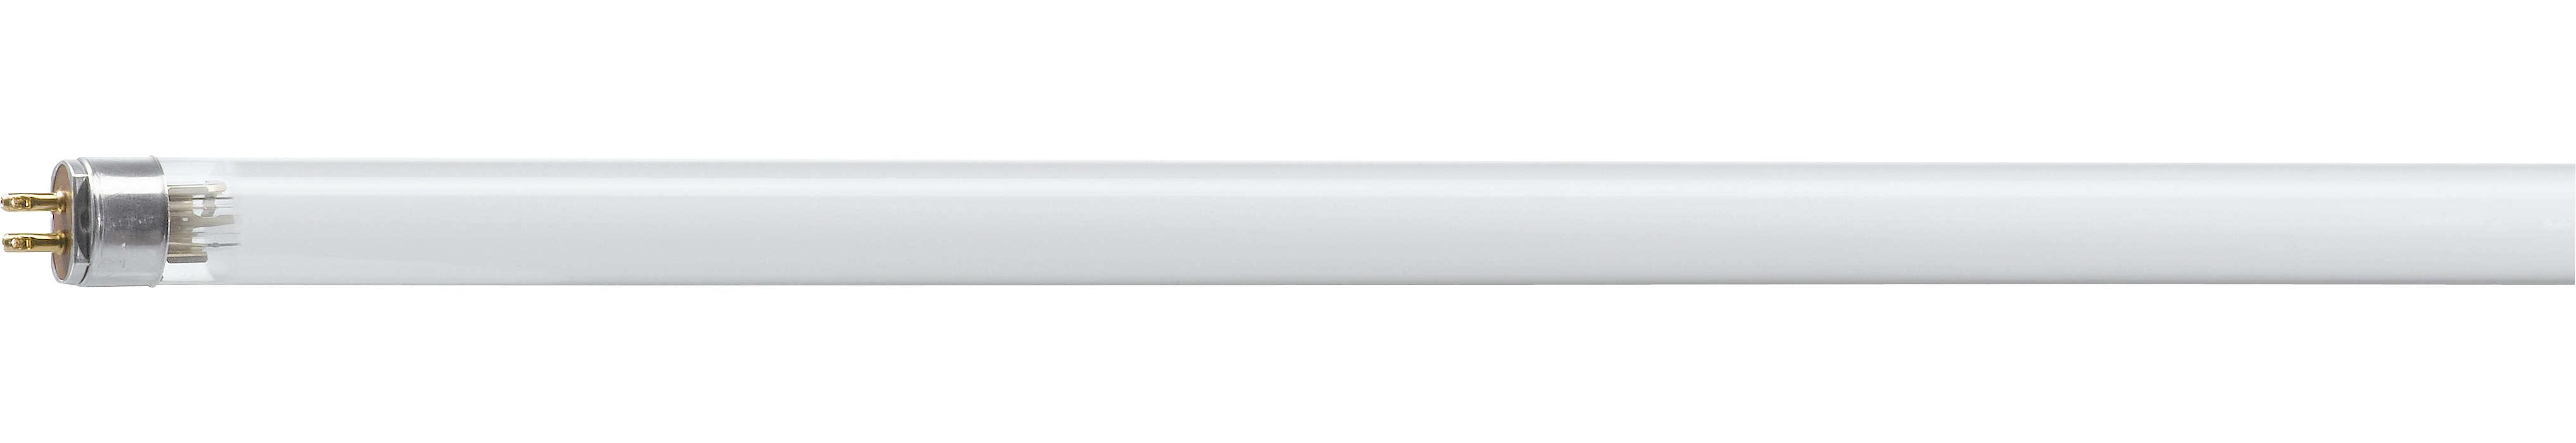 Éclairage fluorescent indépendant de la température